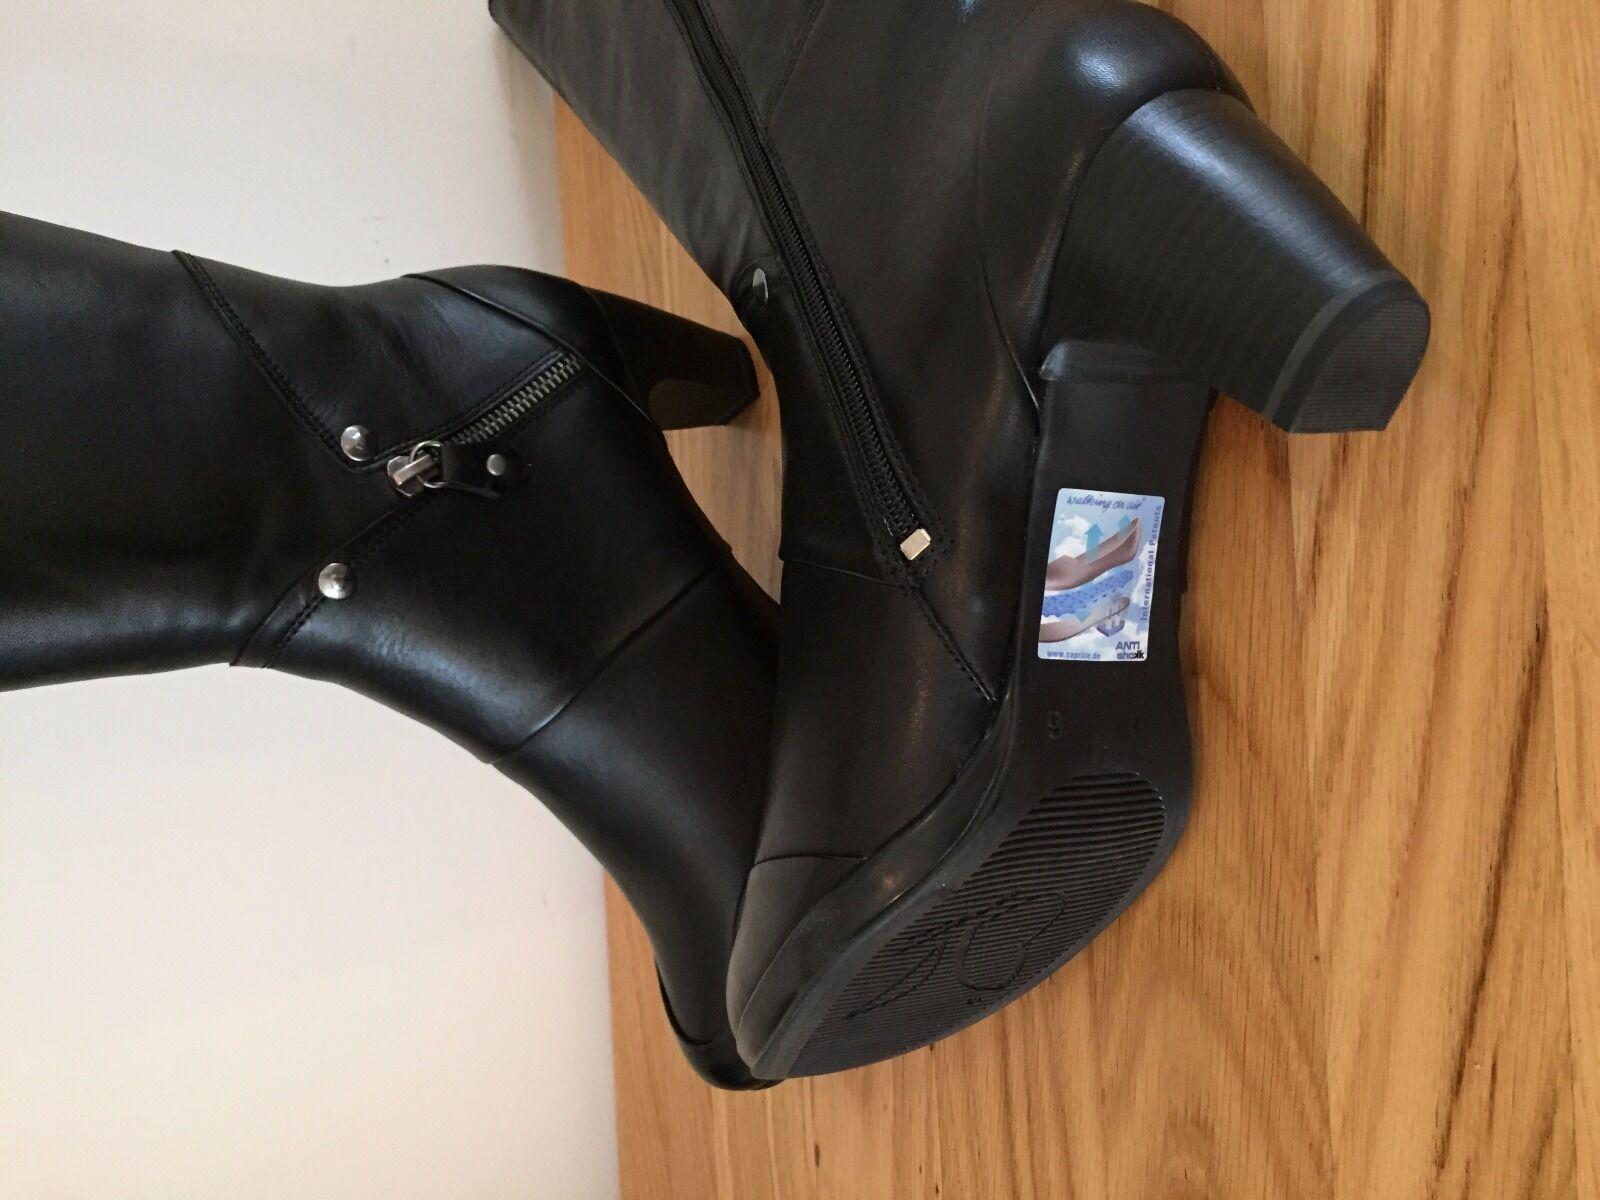 Caprice Botas en 9-25556-35 caminar en Botas el aire negro Talla 6.5 3 pulgadas talón y cremallera 29f326